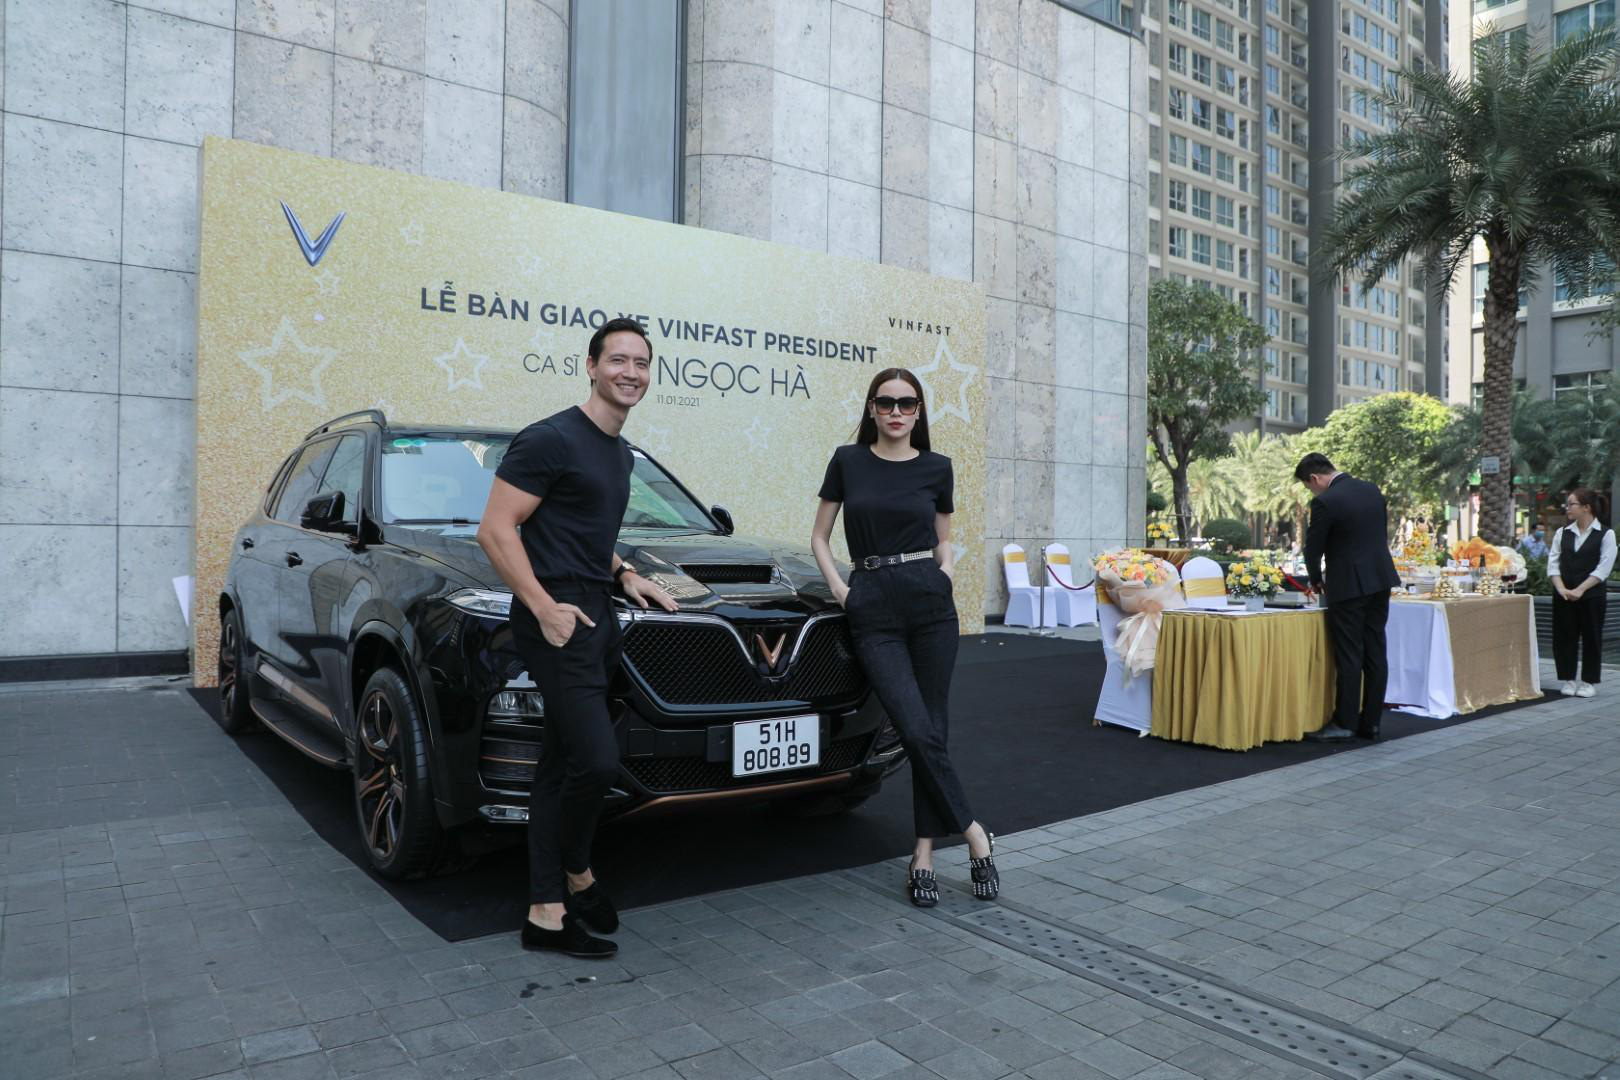 Hà Hồ và Kim Lý tiếp tục ủng hộ thương hiệu Việt khi sở hữu thêm VinFast President - Ảnh 3.